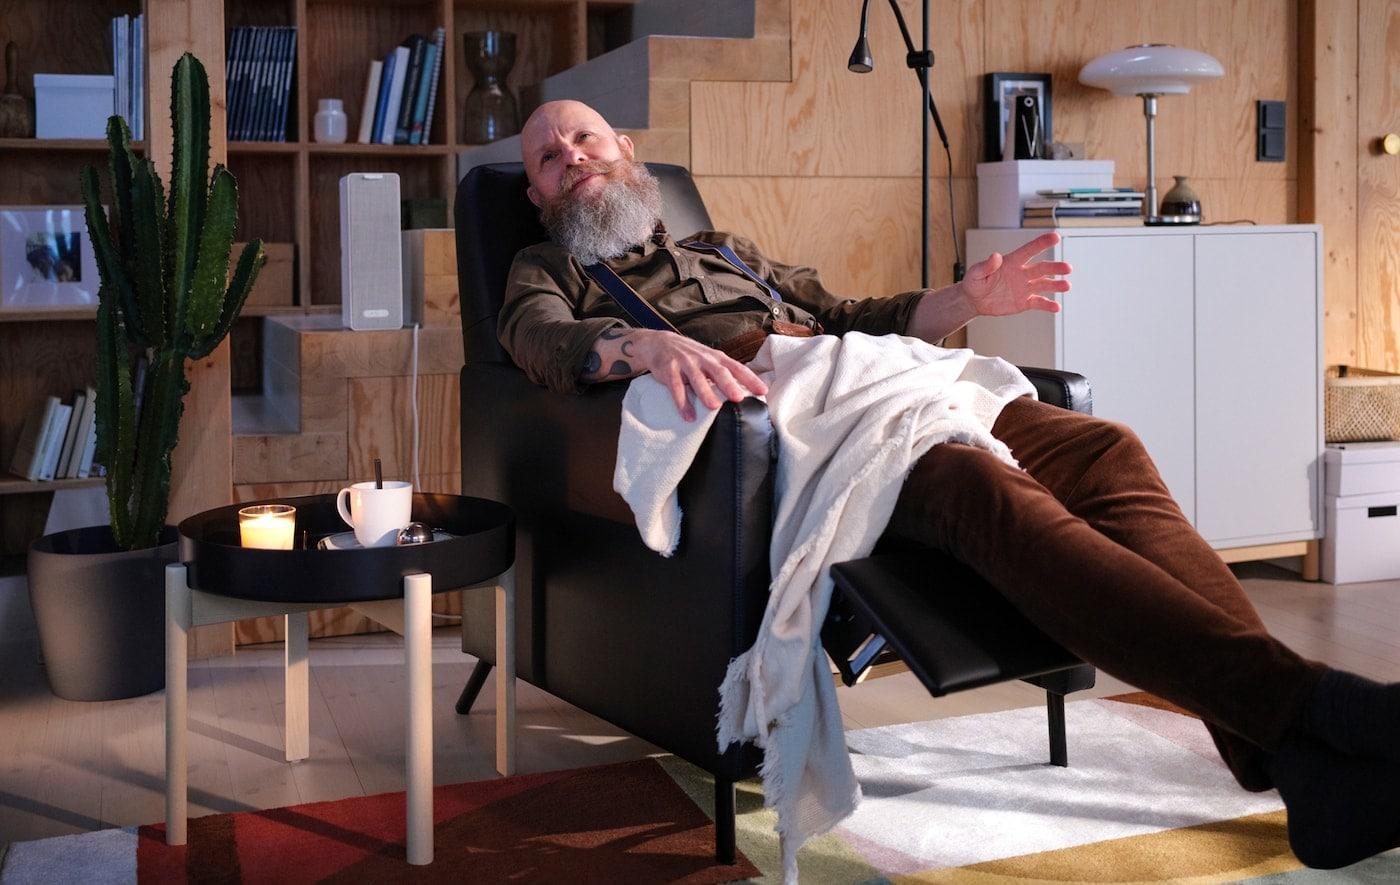 Un hombre relajado en un sillón reclinable GISTAD